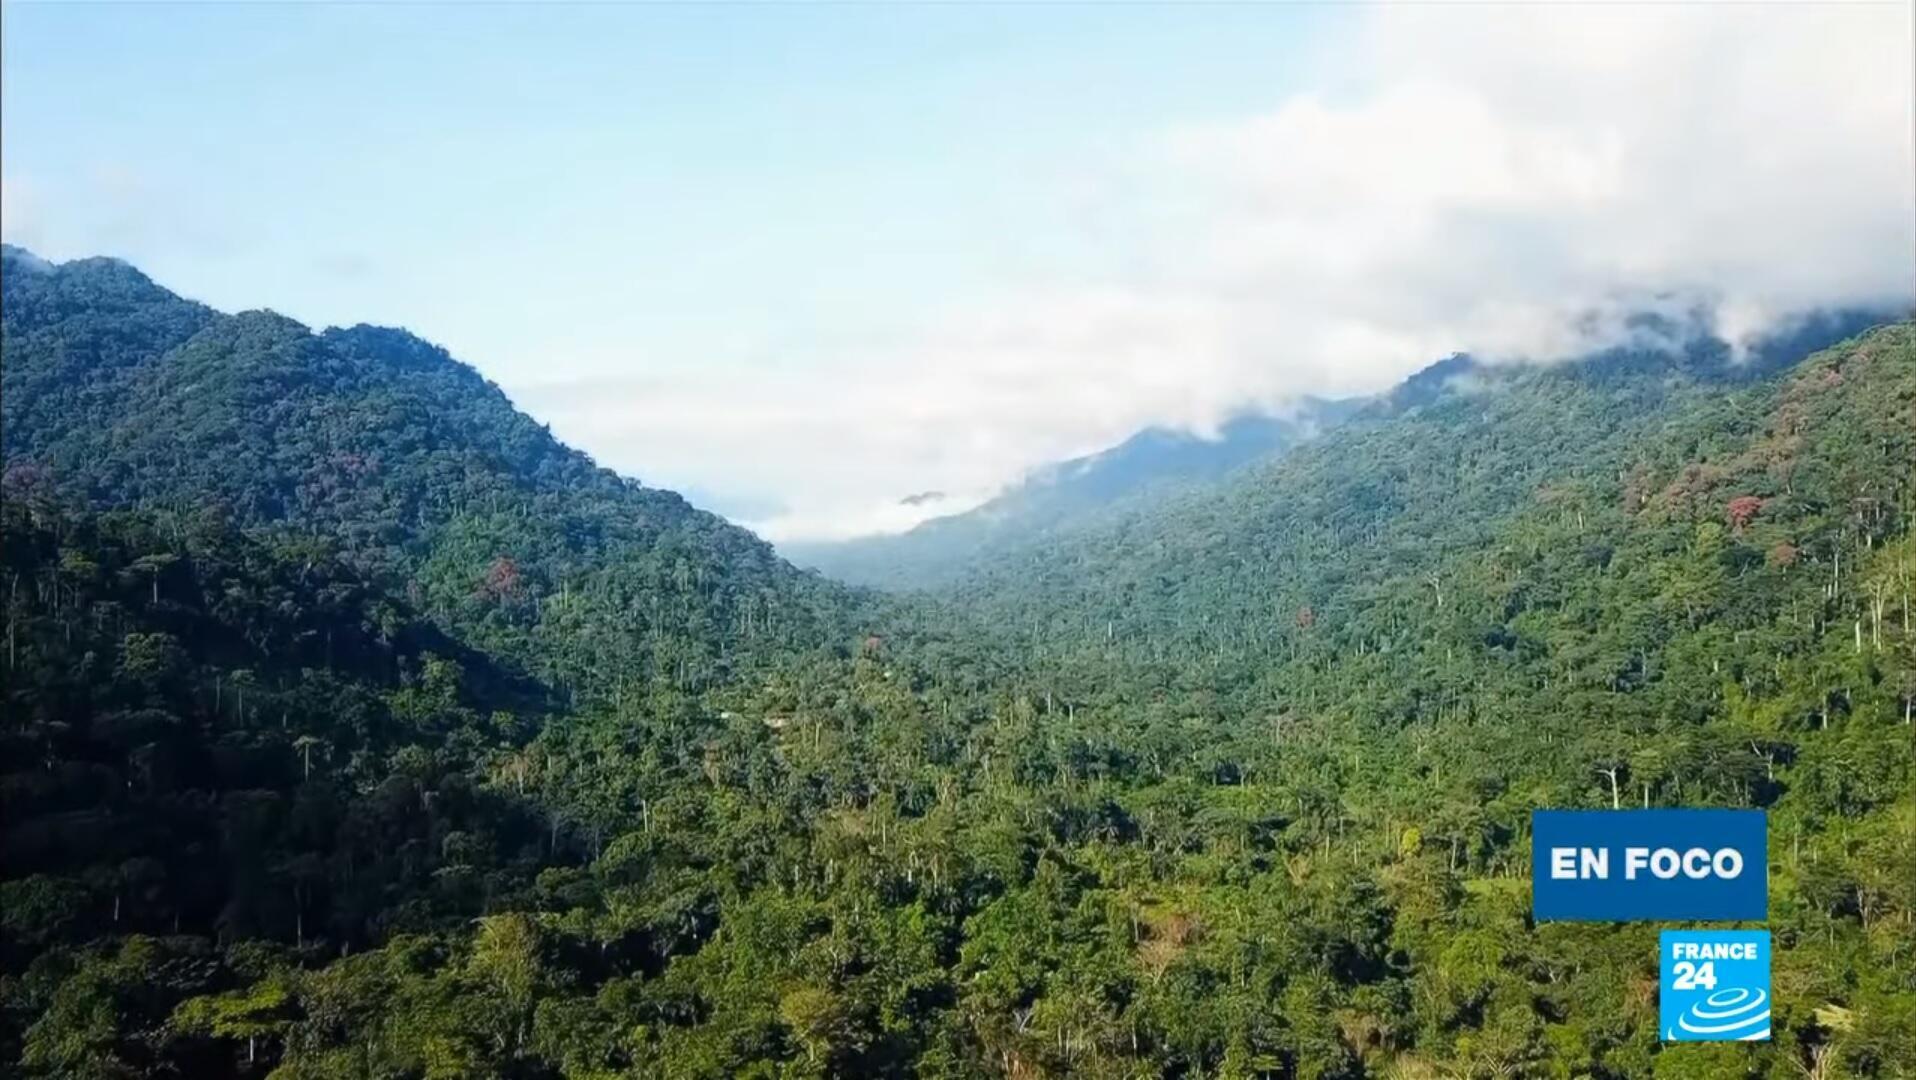 En Foco bosque de Ebo